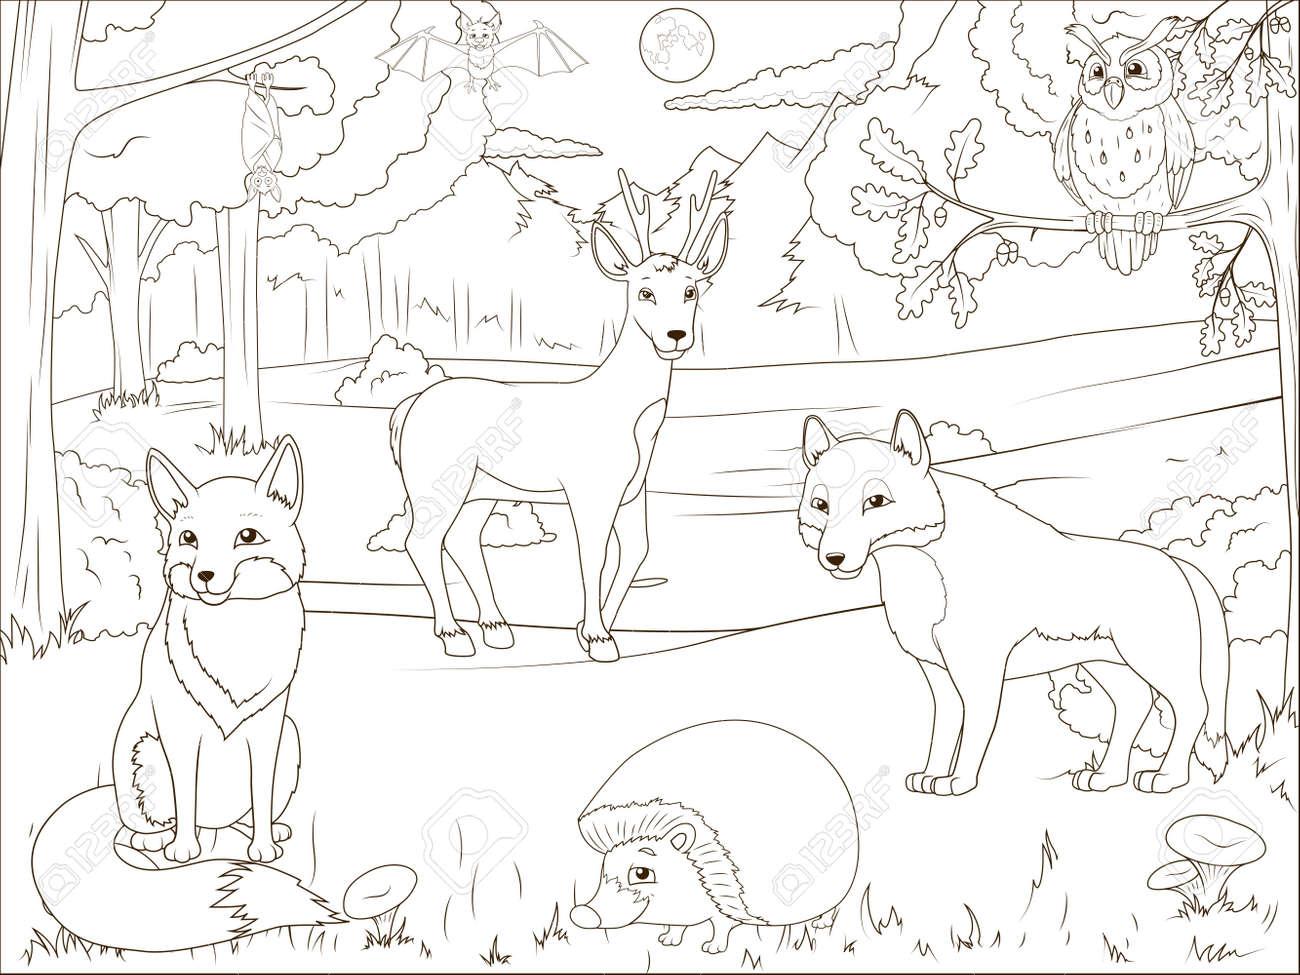 Coloriage Foret Avec Animaux.Coloriage Foret De Livre Avec Des Animaux De Bande Dessinee Jeu Educatif Vecteur Llustration